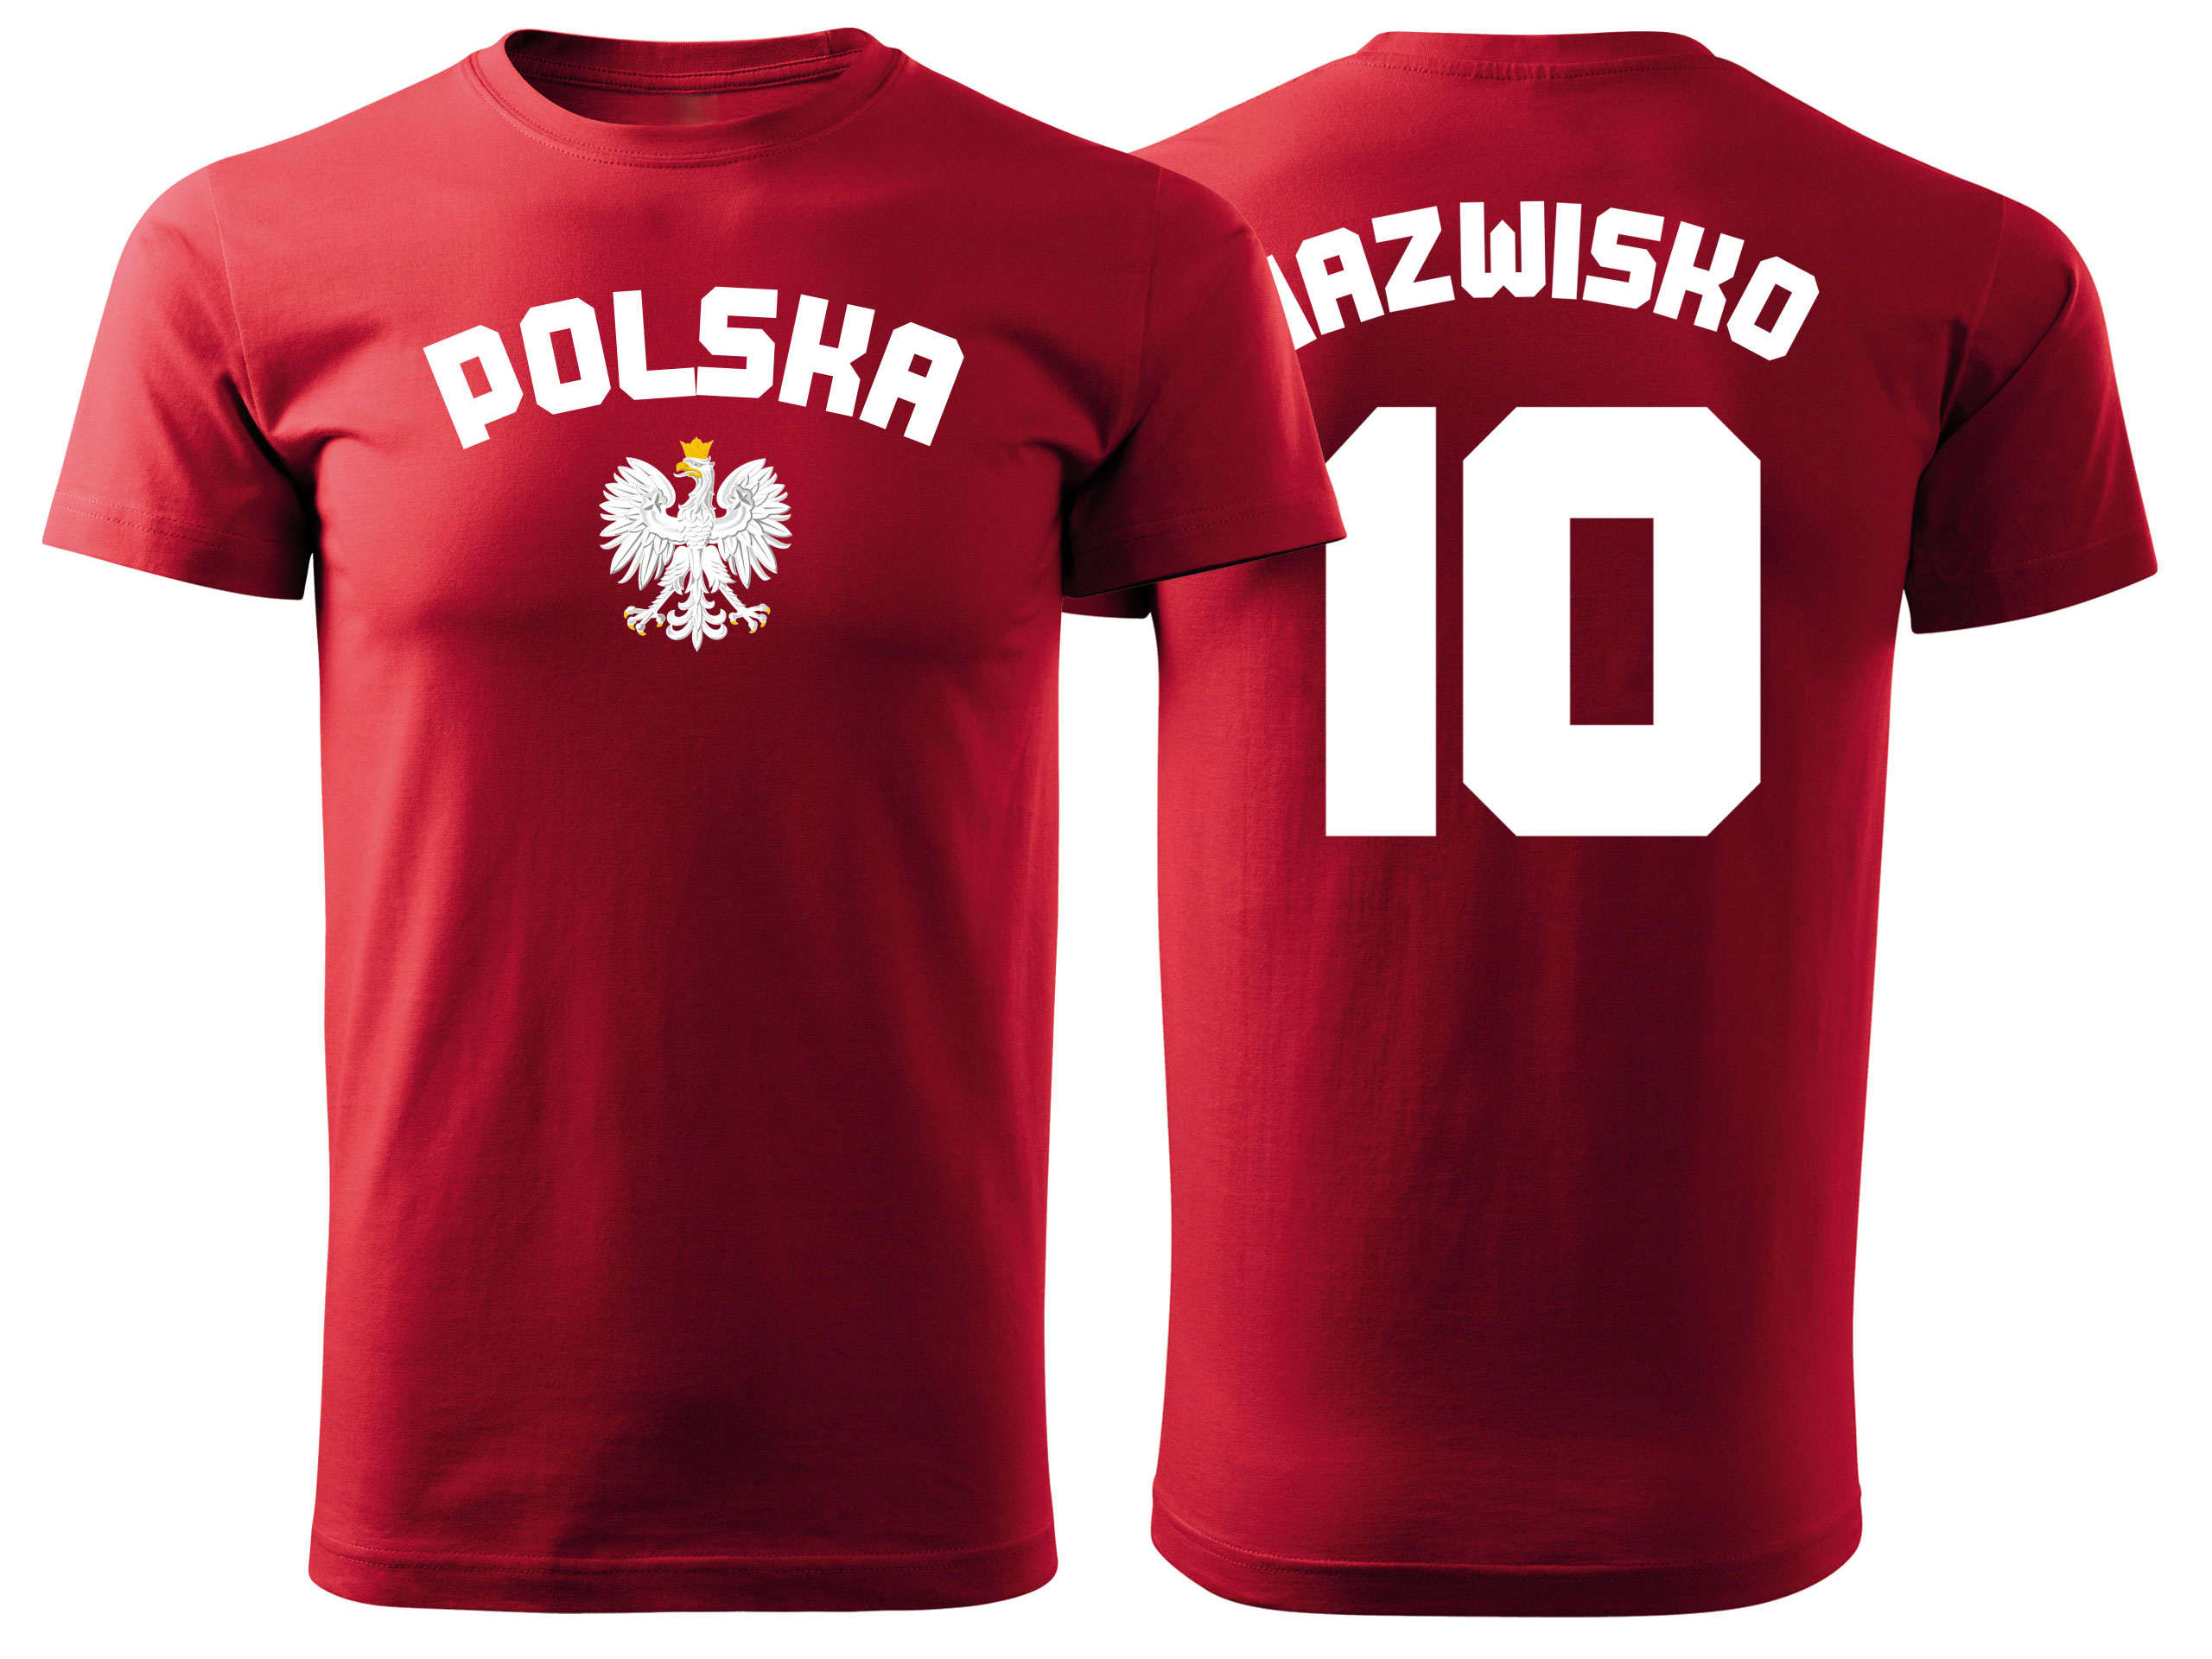 Tričko vaše tričko Poľsko M!